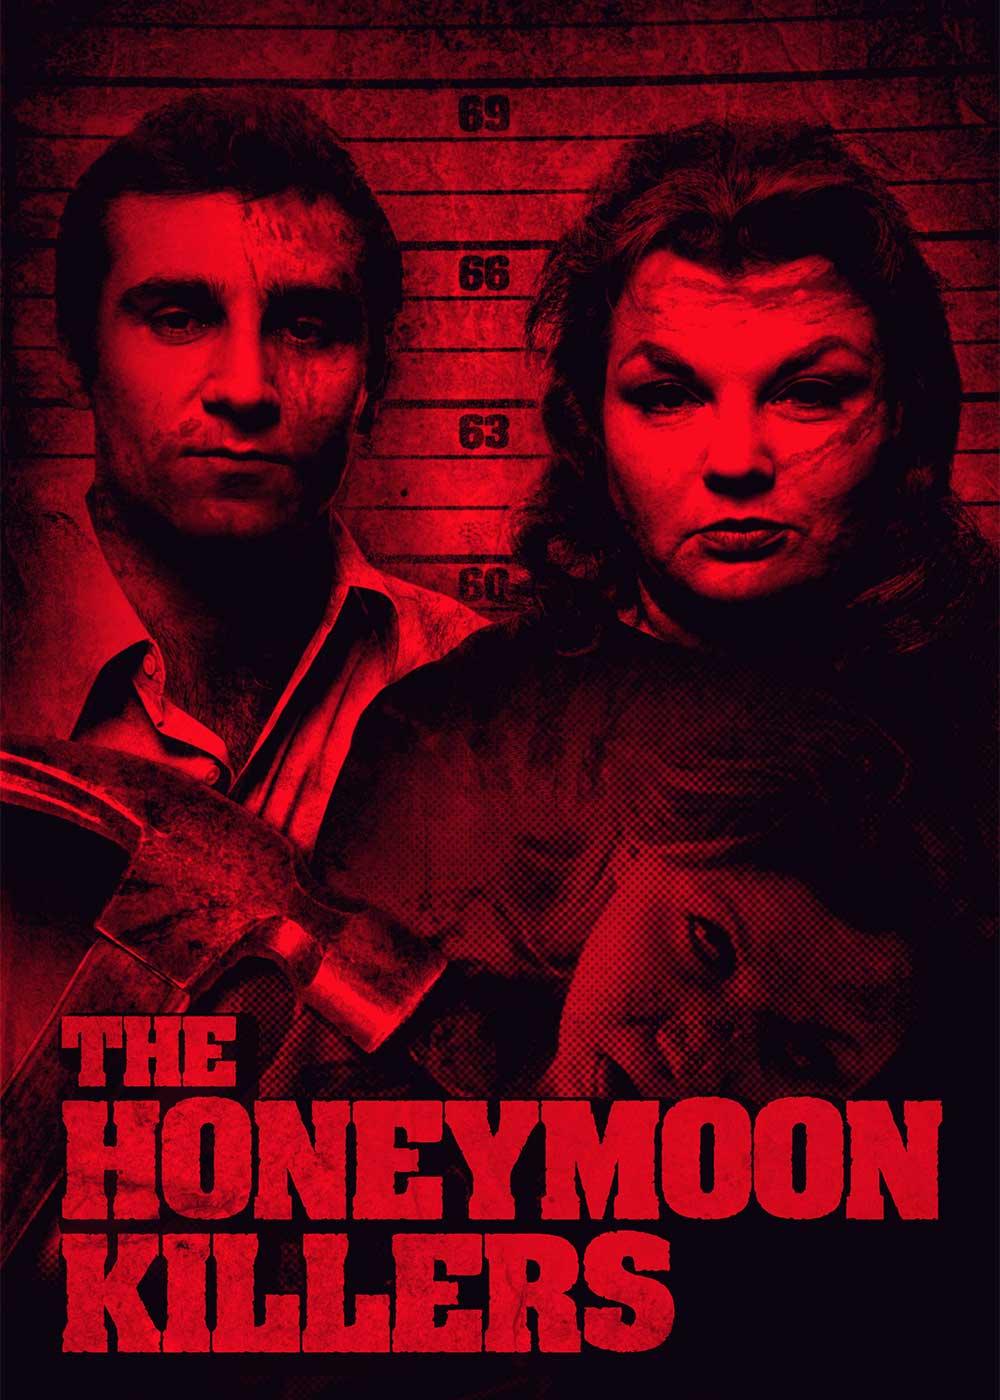 Honeymoon-killers_poster.jpg